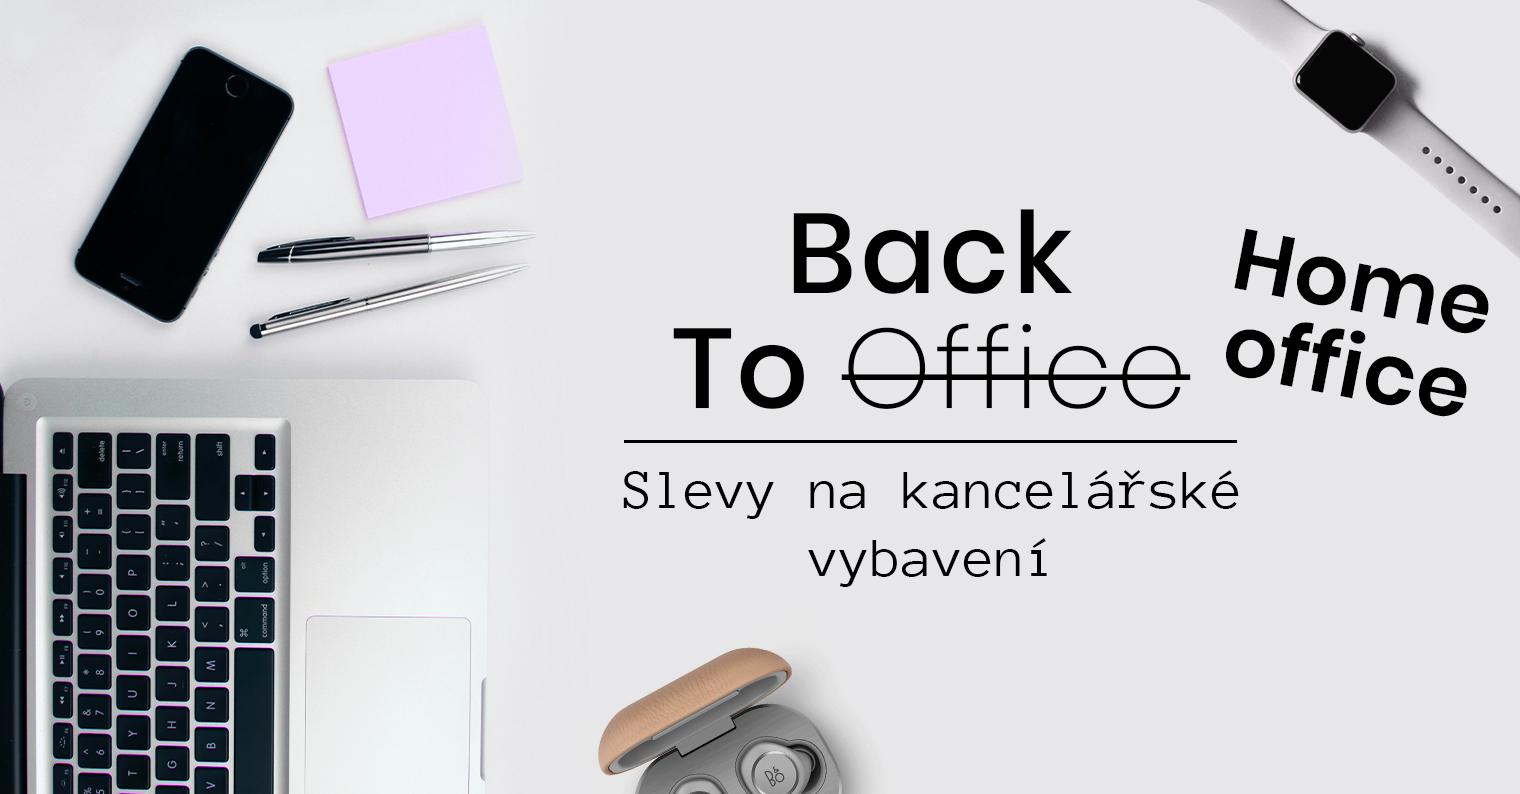 Back to Office: vkročte do práce správným nástrojem [sponzorovaný článek]